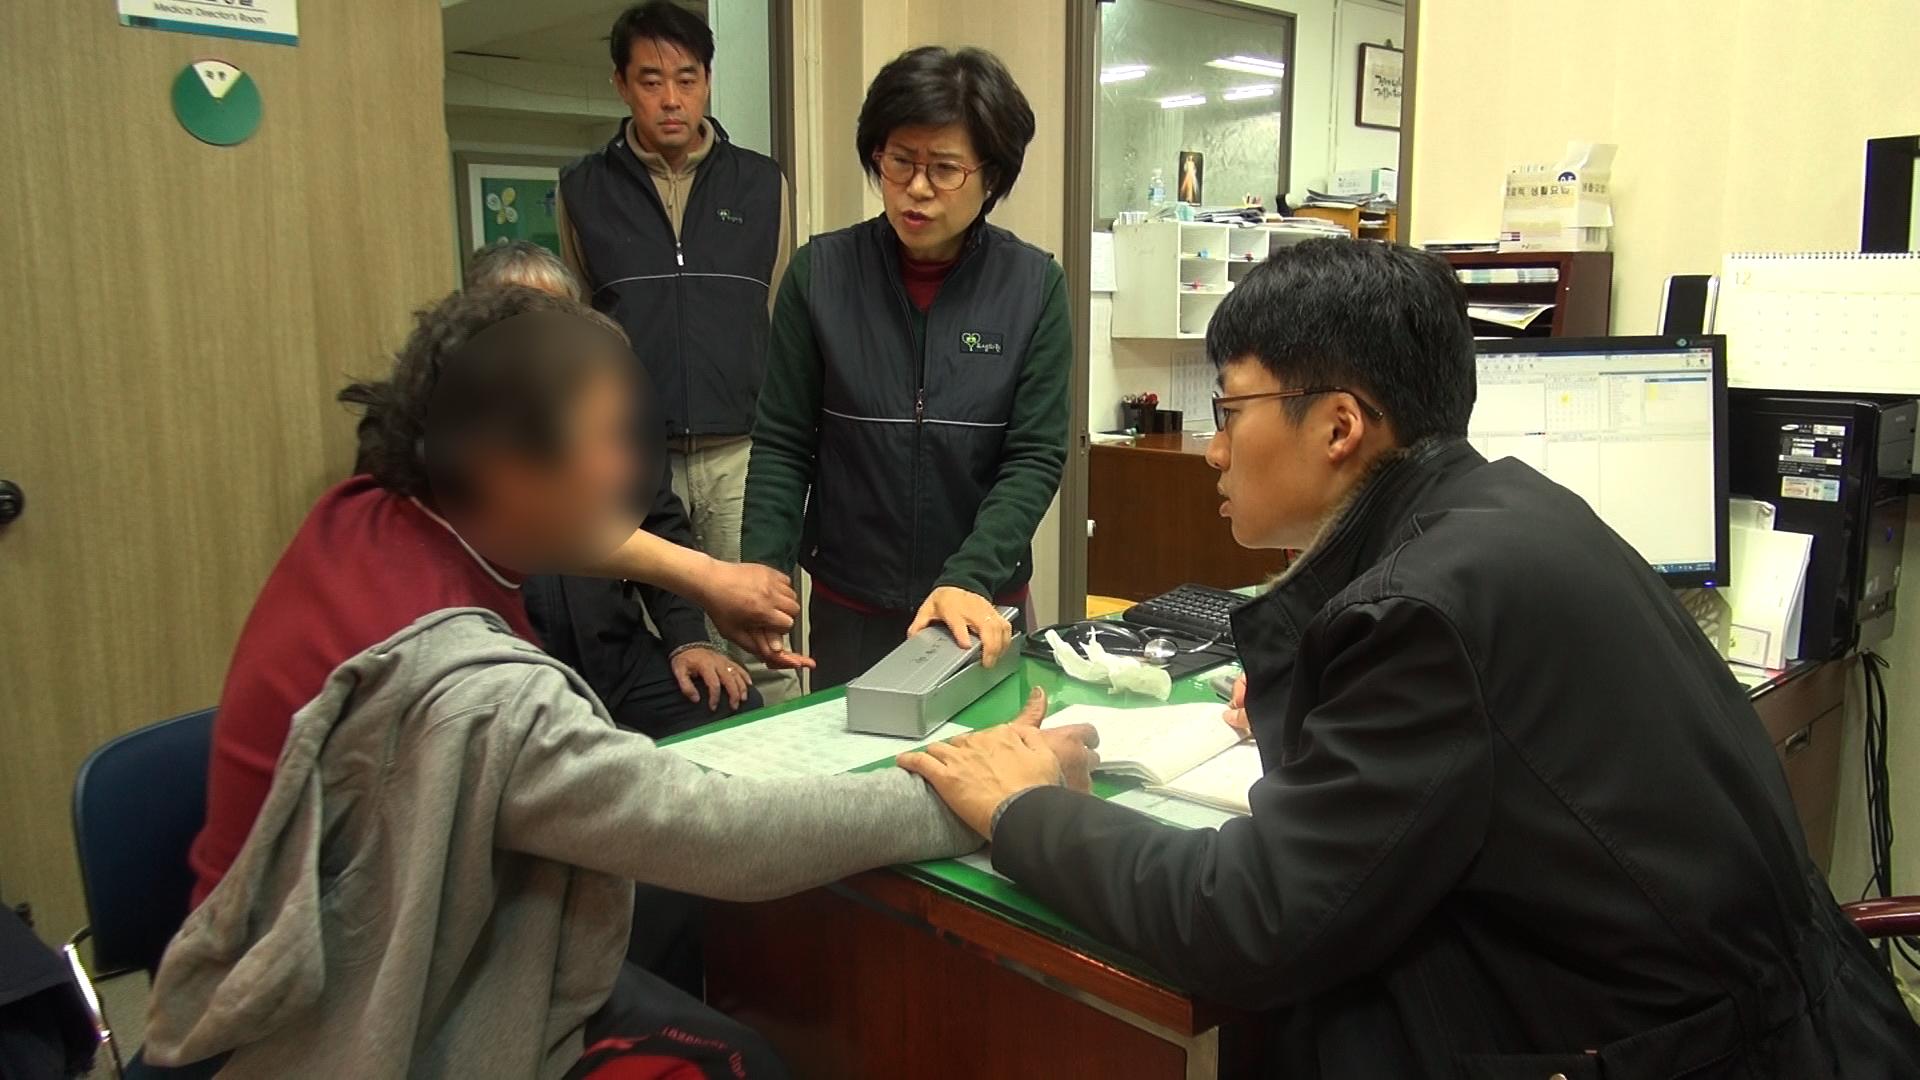 KBS 생명최전선, 가난한 이들의 병원 요셉의원 편 ...